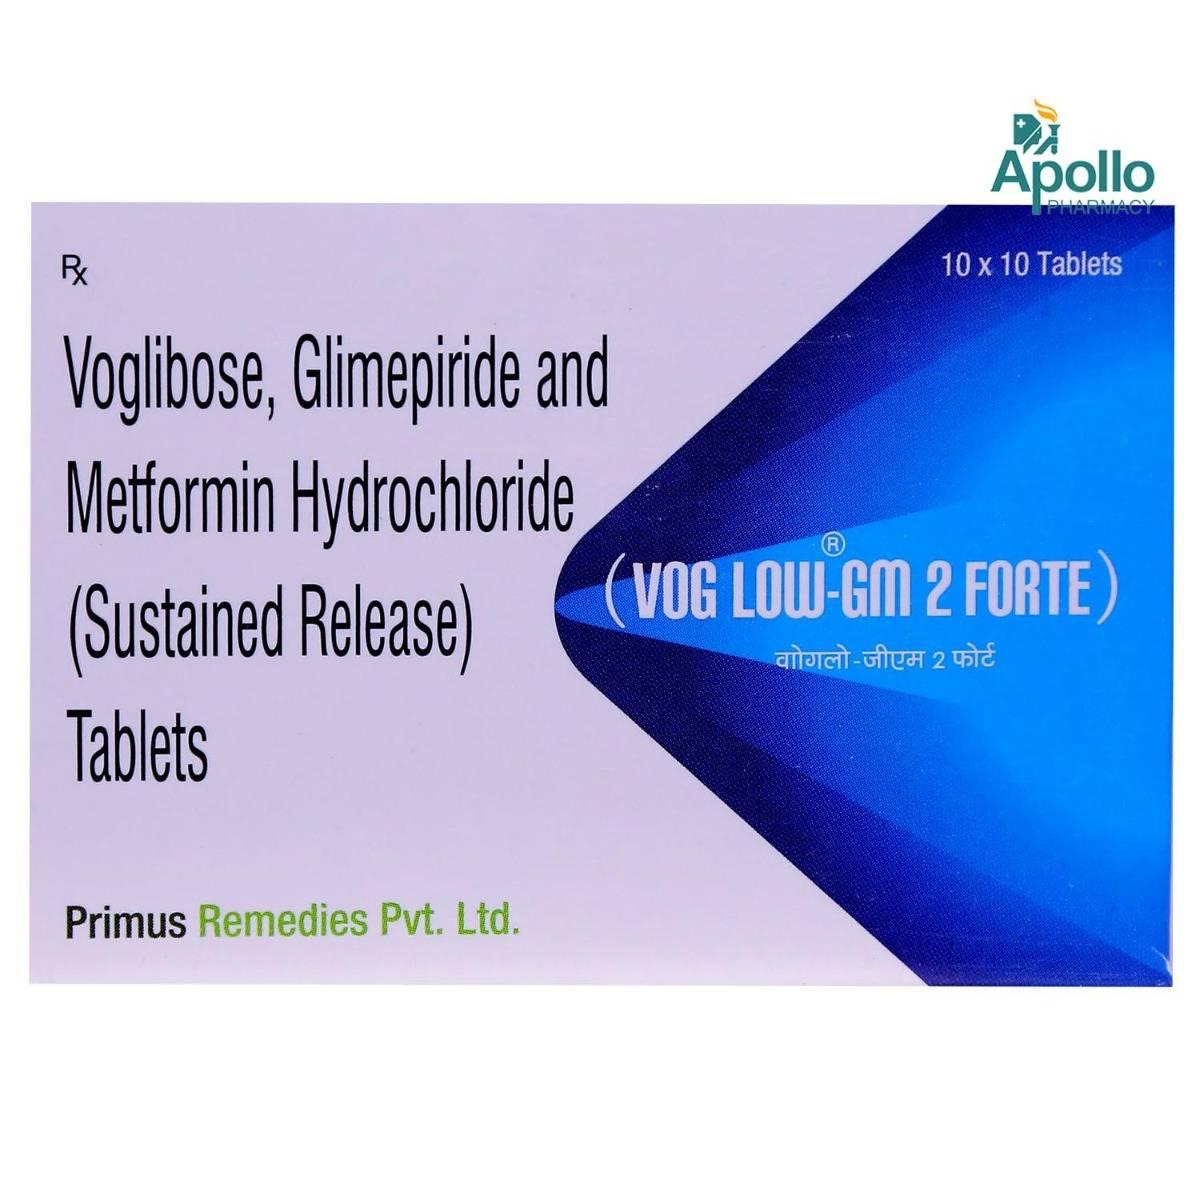 VogLow-GM 2 Forte Tablet 10's